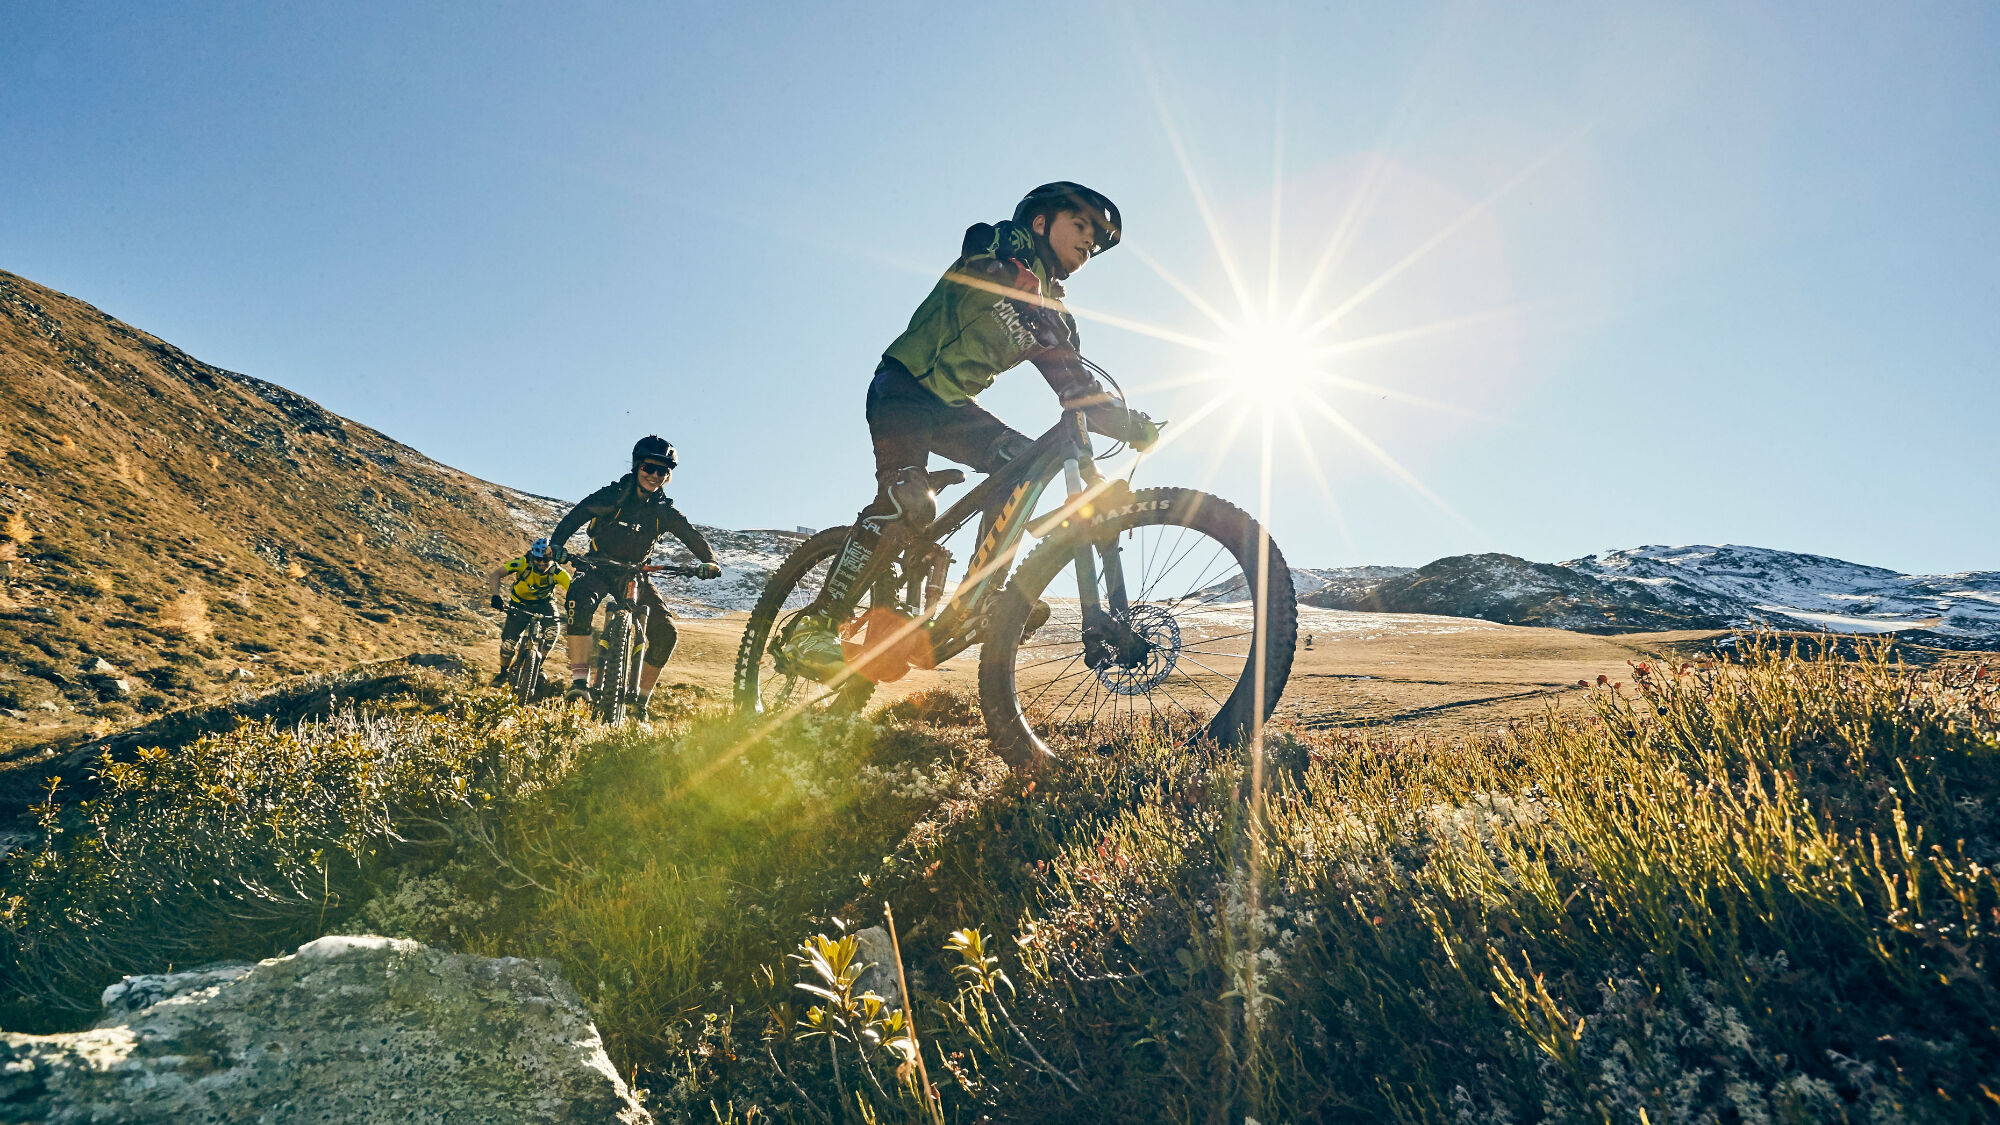 Serfaus-Fiss-Ladis bietet ein riesiges Trailnetz für Biker.